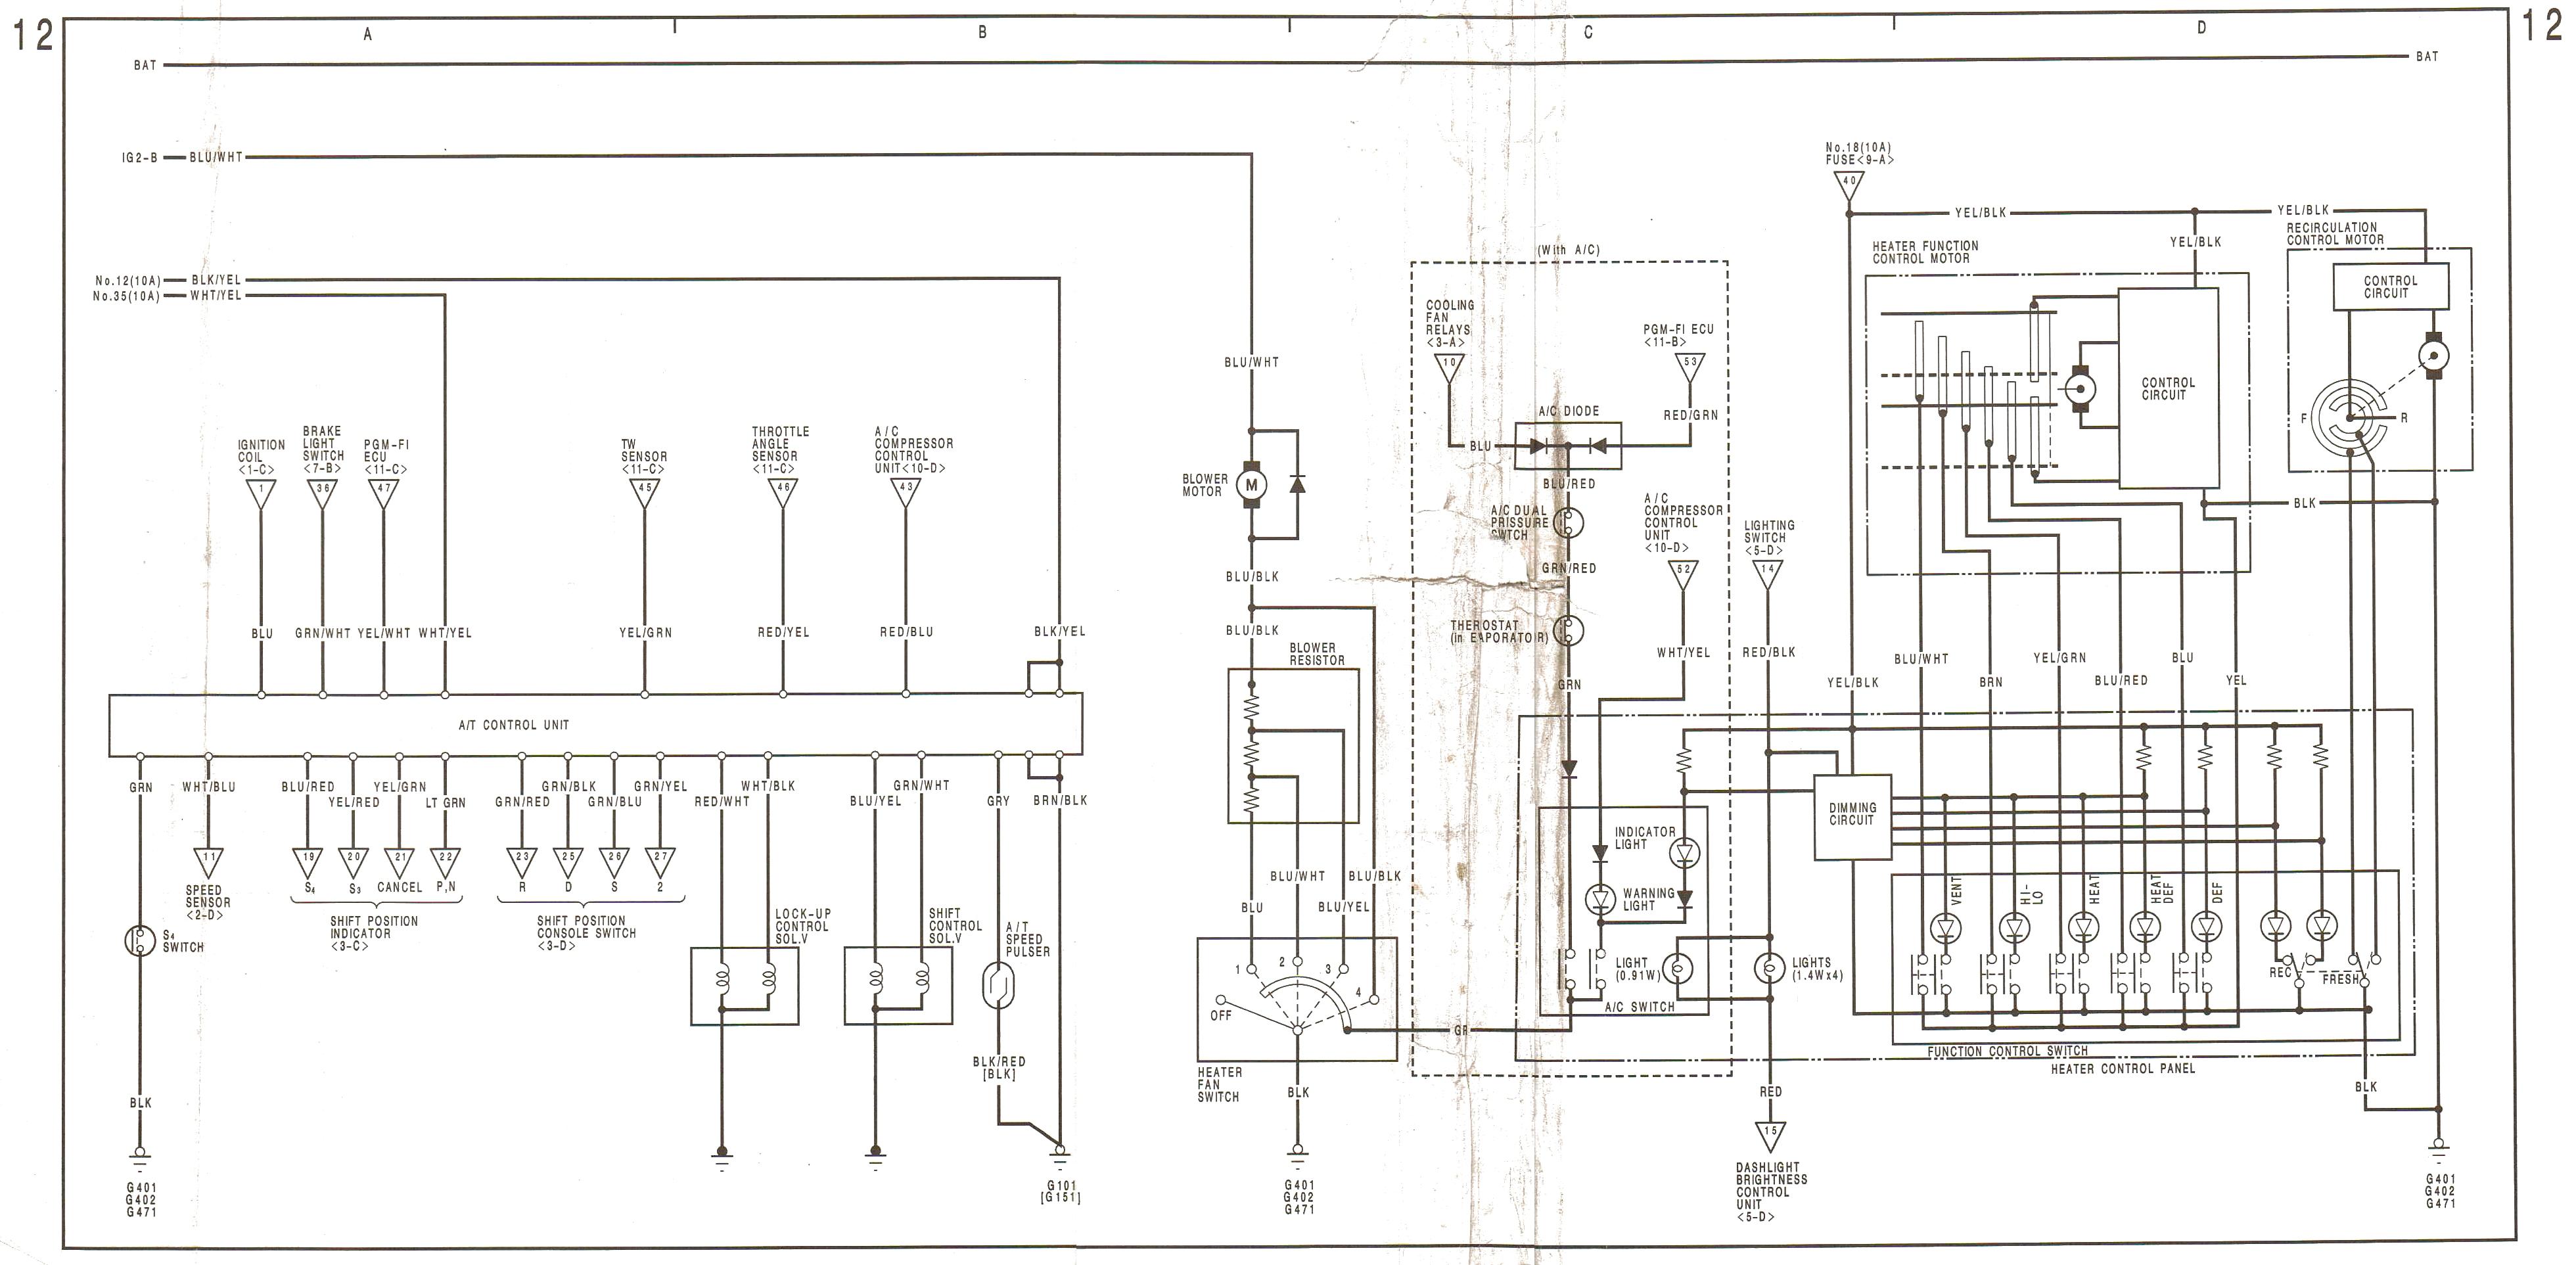 DIAGRAM] 2003 Mercedes C320 Fuse Diagram Interior FULL Version HD Quality  Diagram Interior - WIRINGOUT.AUBE-SIAE.FR aube-siae.fr